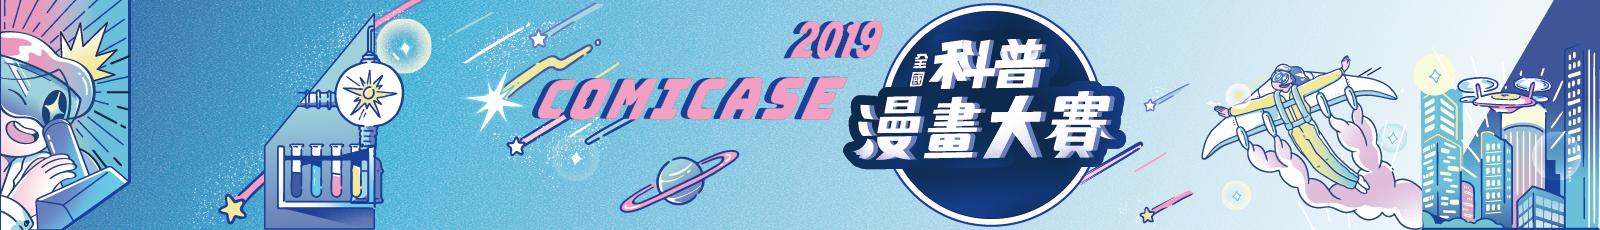 2019科普漫畫大賽 Logo